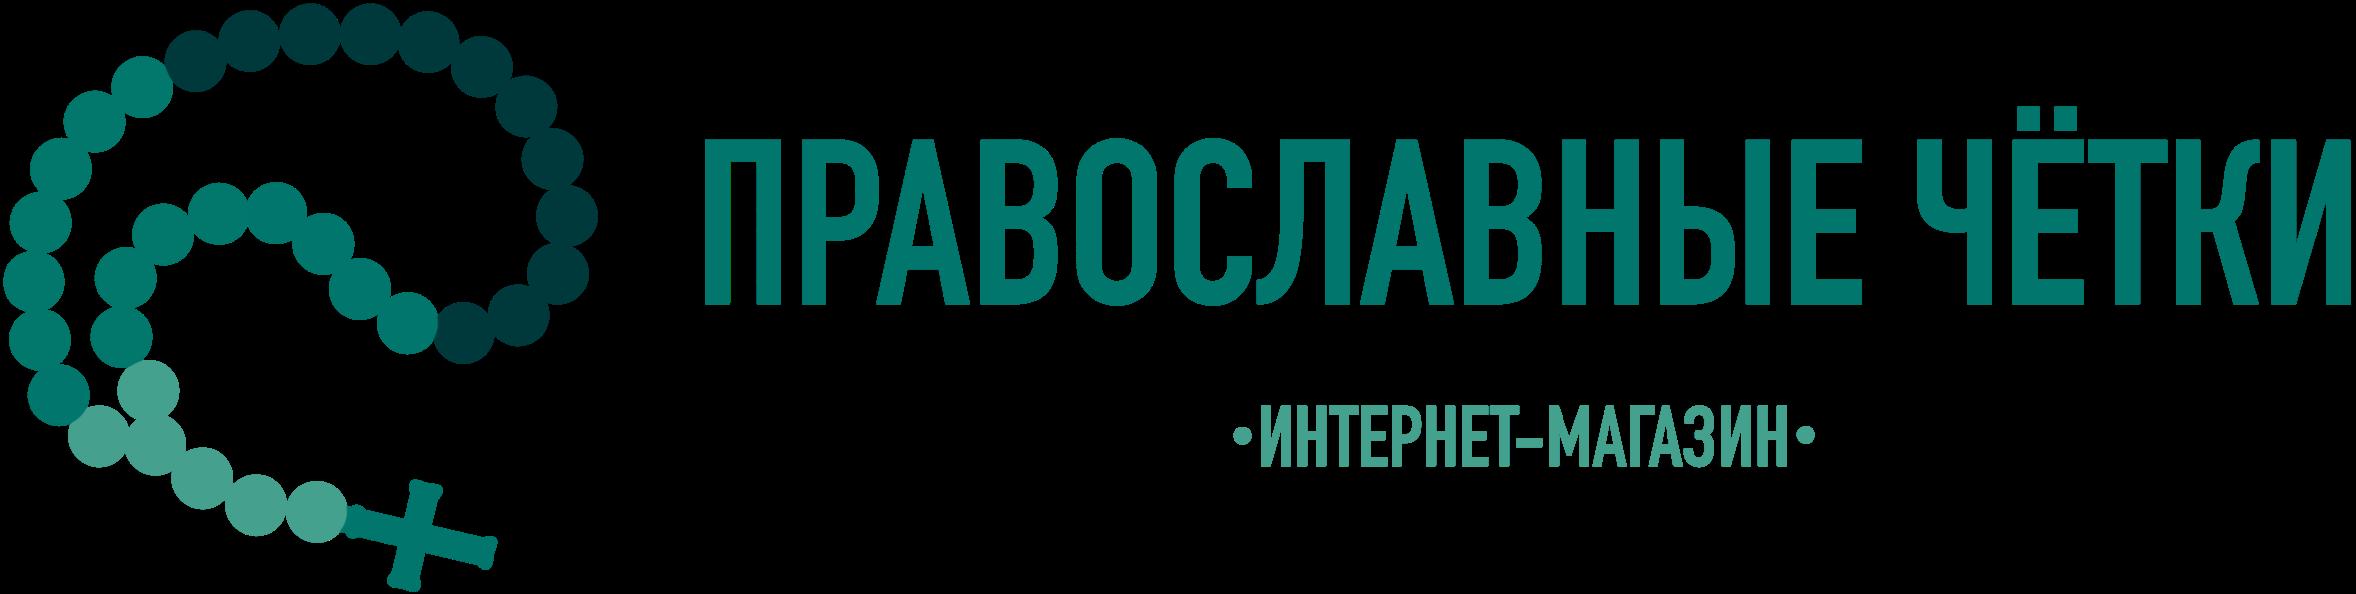 Православные чётки